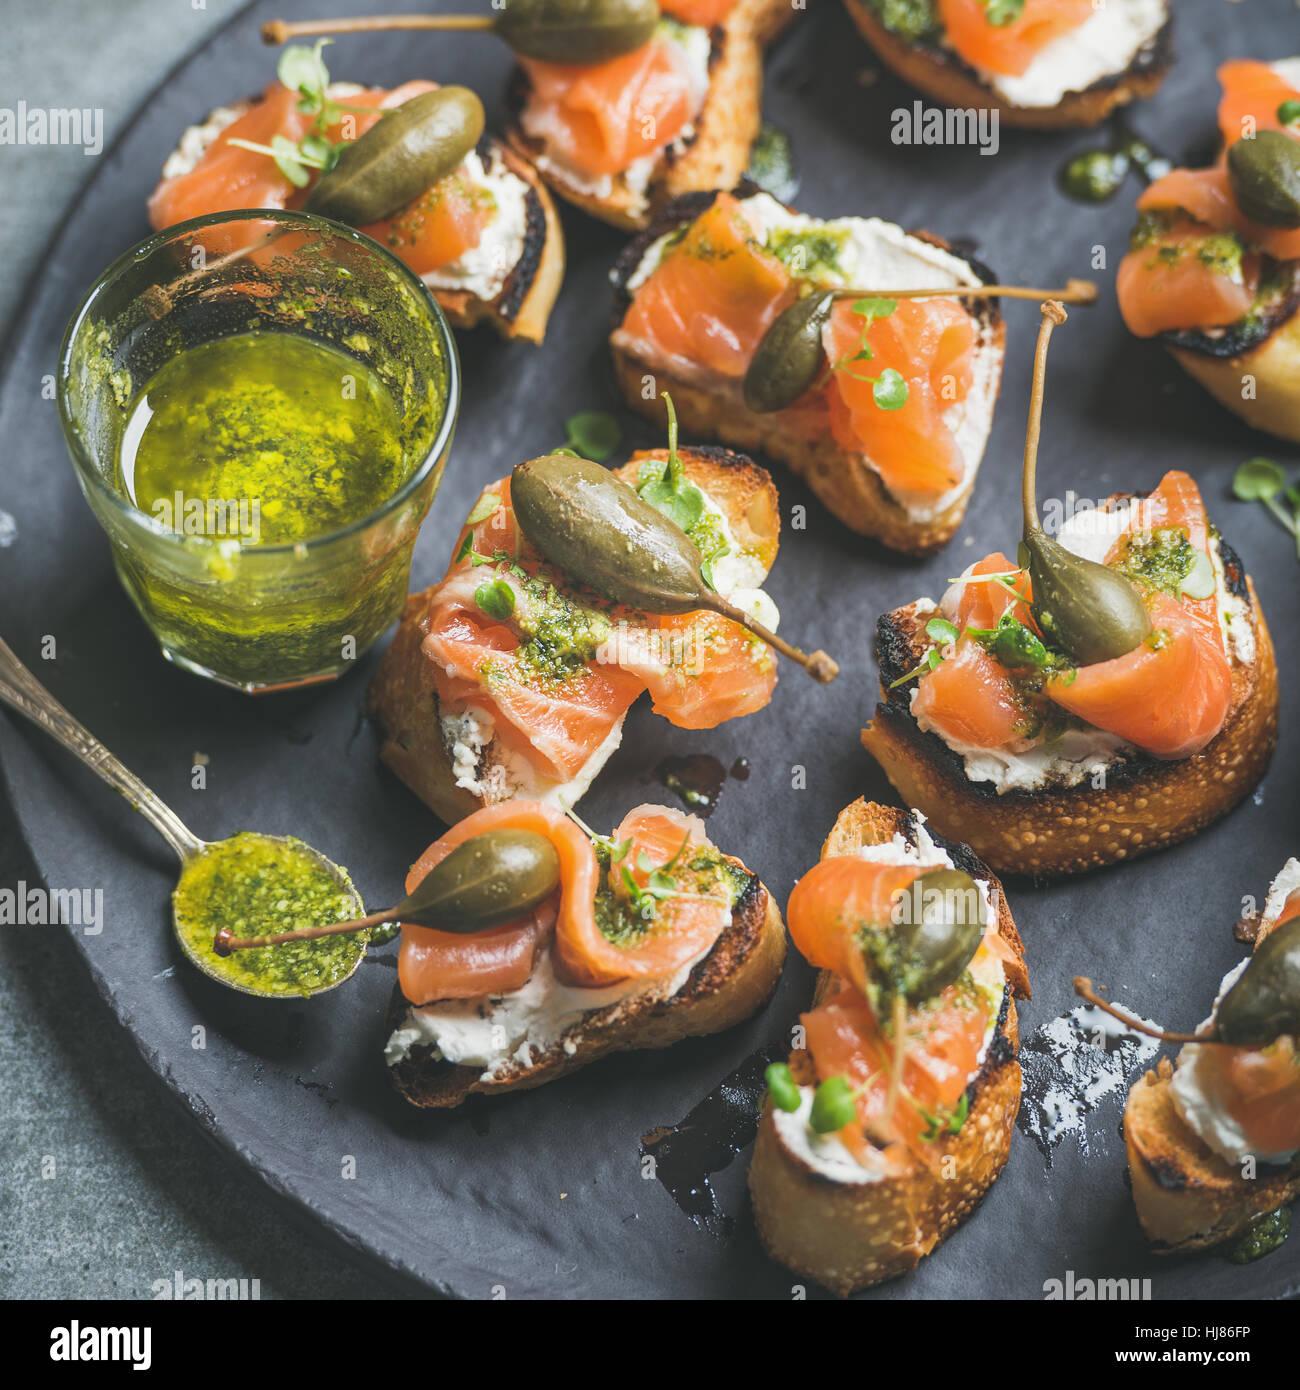 Close-up of salmon crostini with homemade pesto sauce Stock Photo